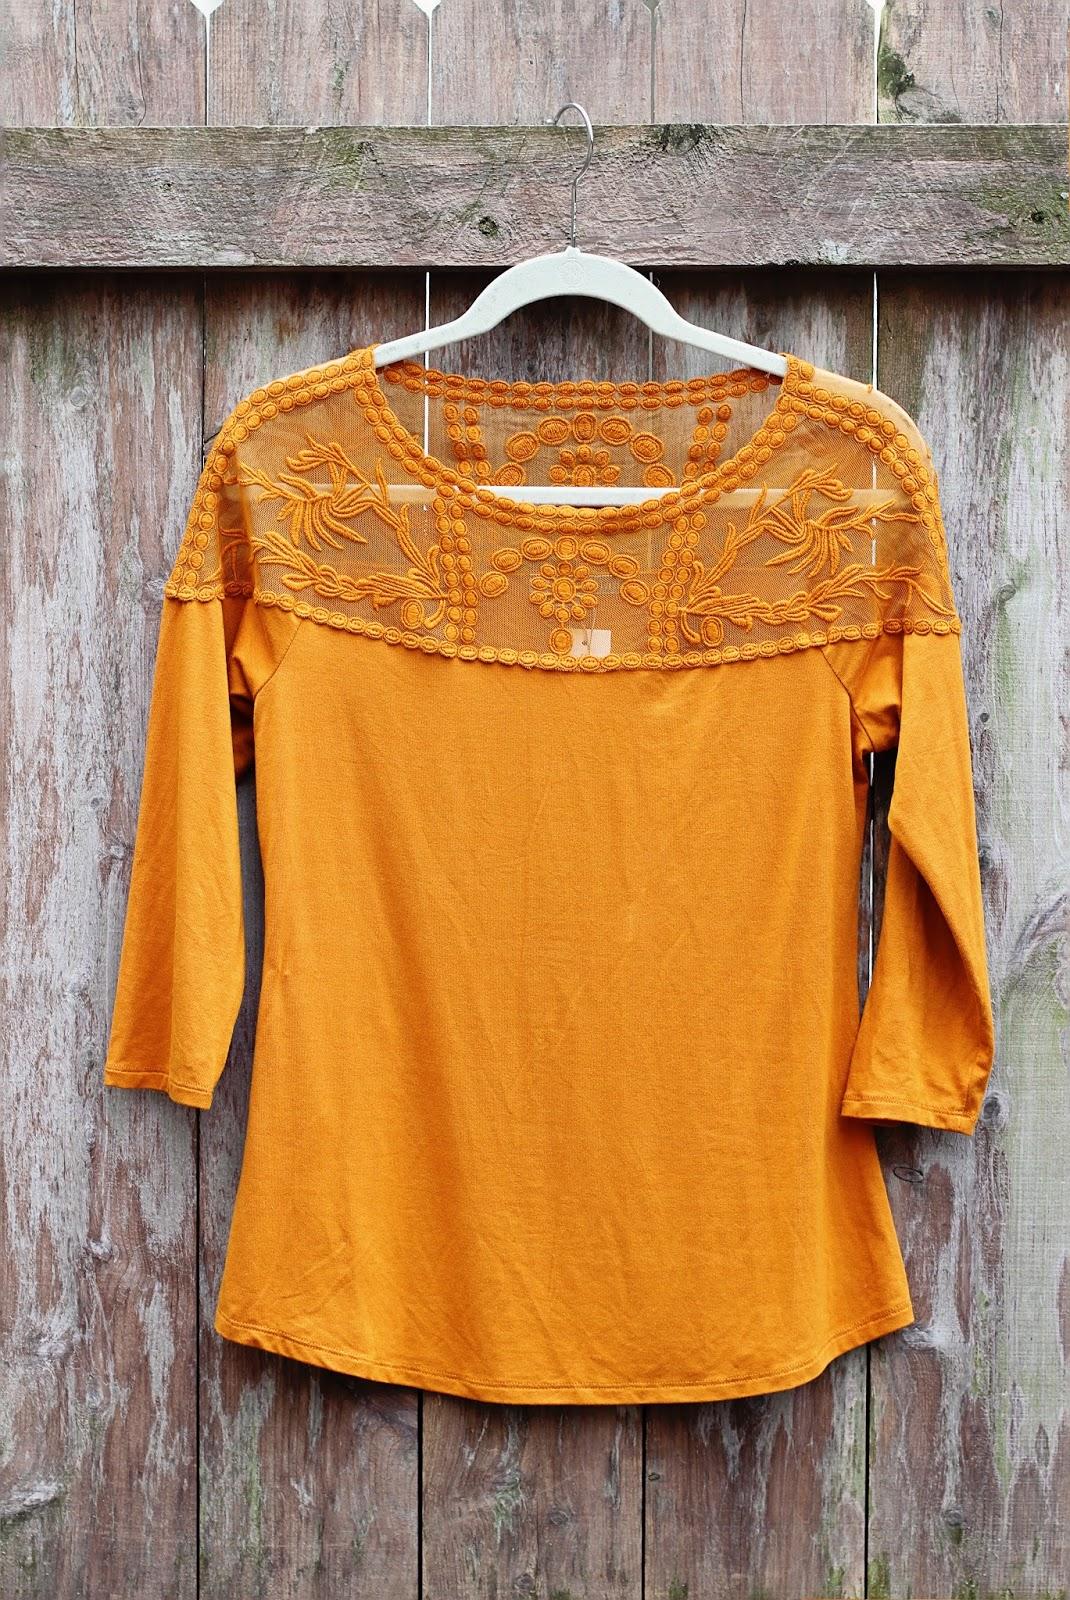 62f3ca0967f868 Stitch Fix Daniel Rainn Bethanie Lace Yoke Knit Top mustard yellow